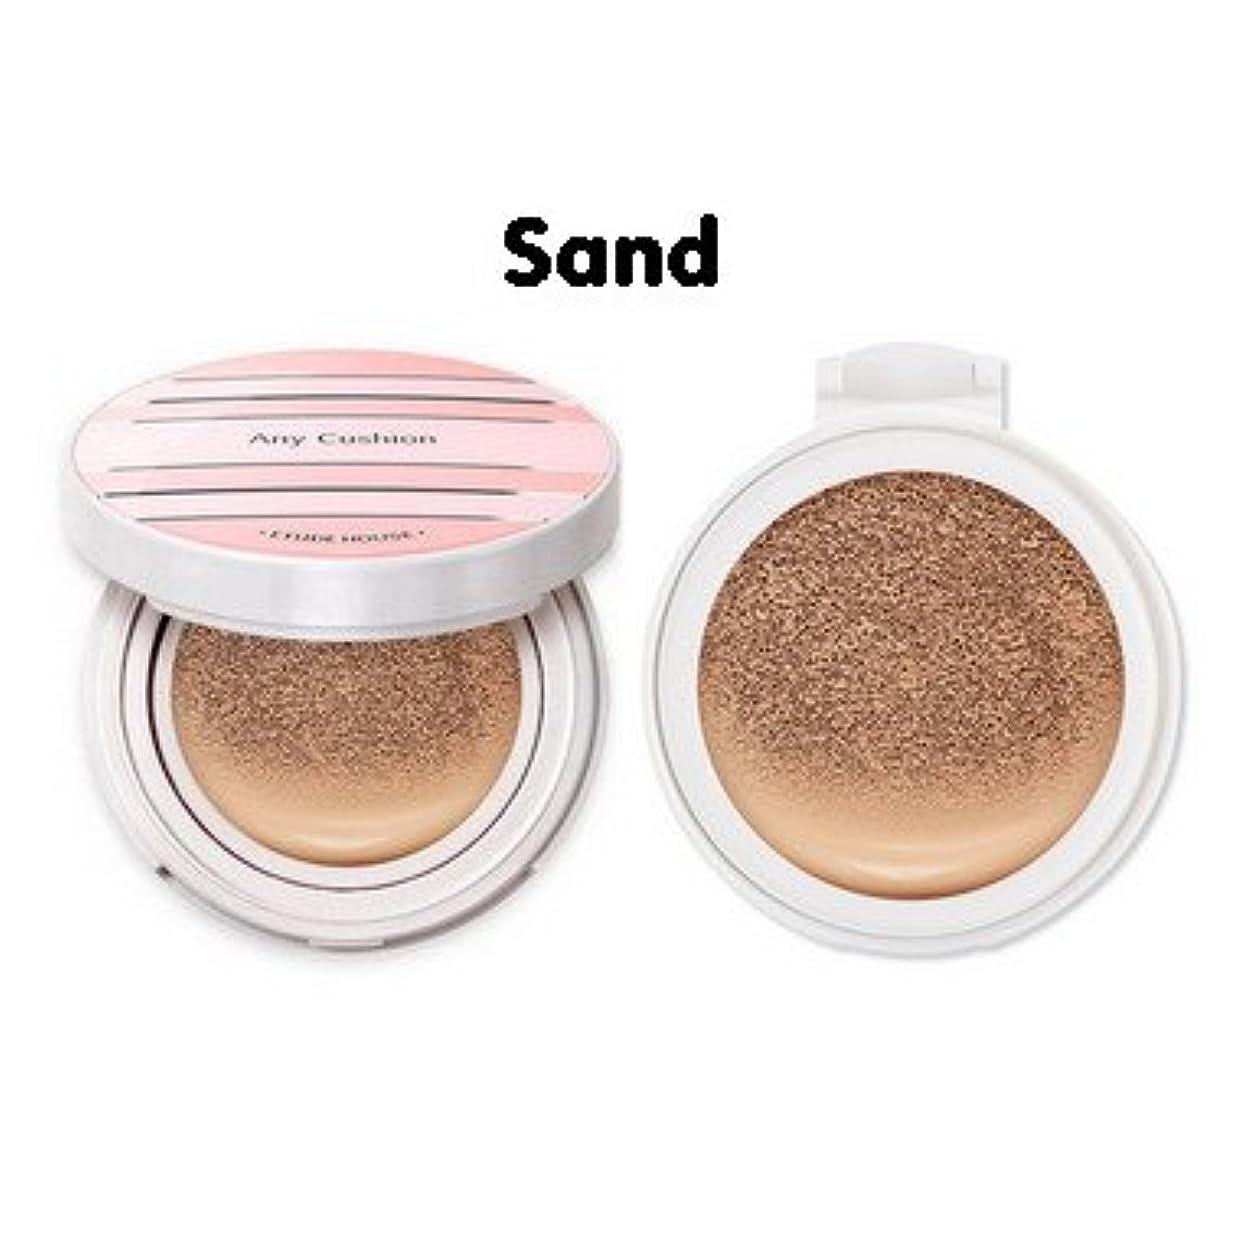 幸運なことにショットなんでも【ETUDE HOUSE(エチュードハウス)】エニクッション オールデーパーフェクト15g+15g (本品+リフィル) (SPF50+/ PA+++) (6カラー選択1) (Sand) [並行輸入品]